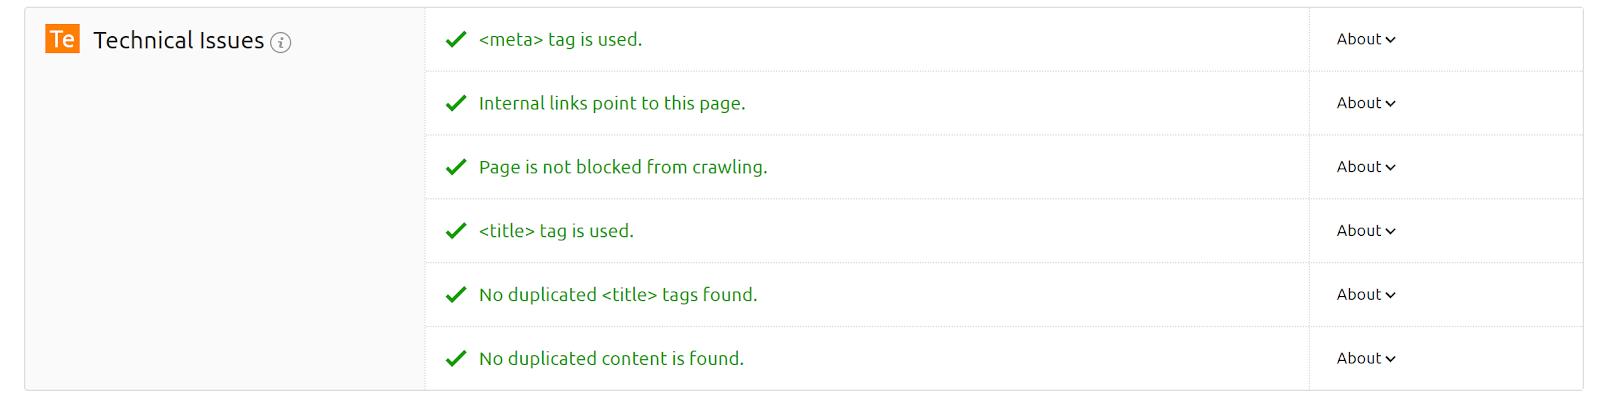 Captura de tela do Verificador de SEO na página